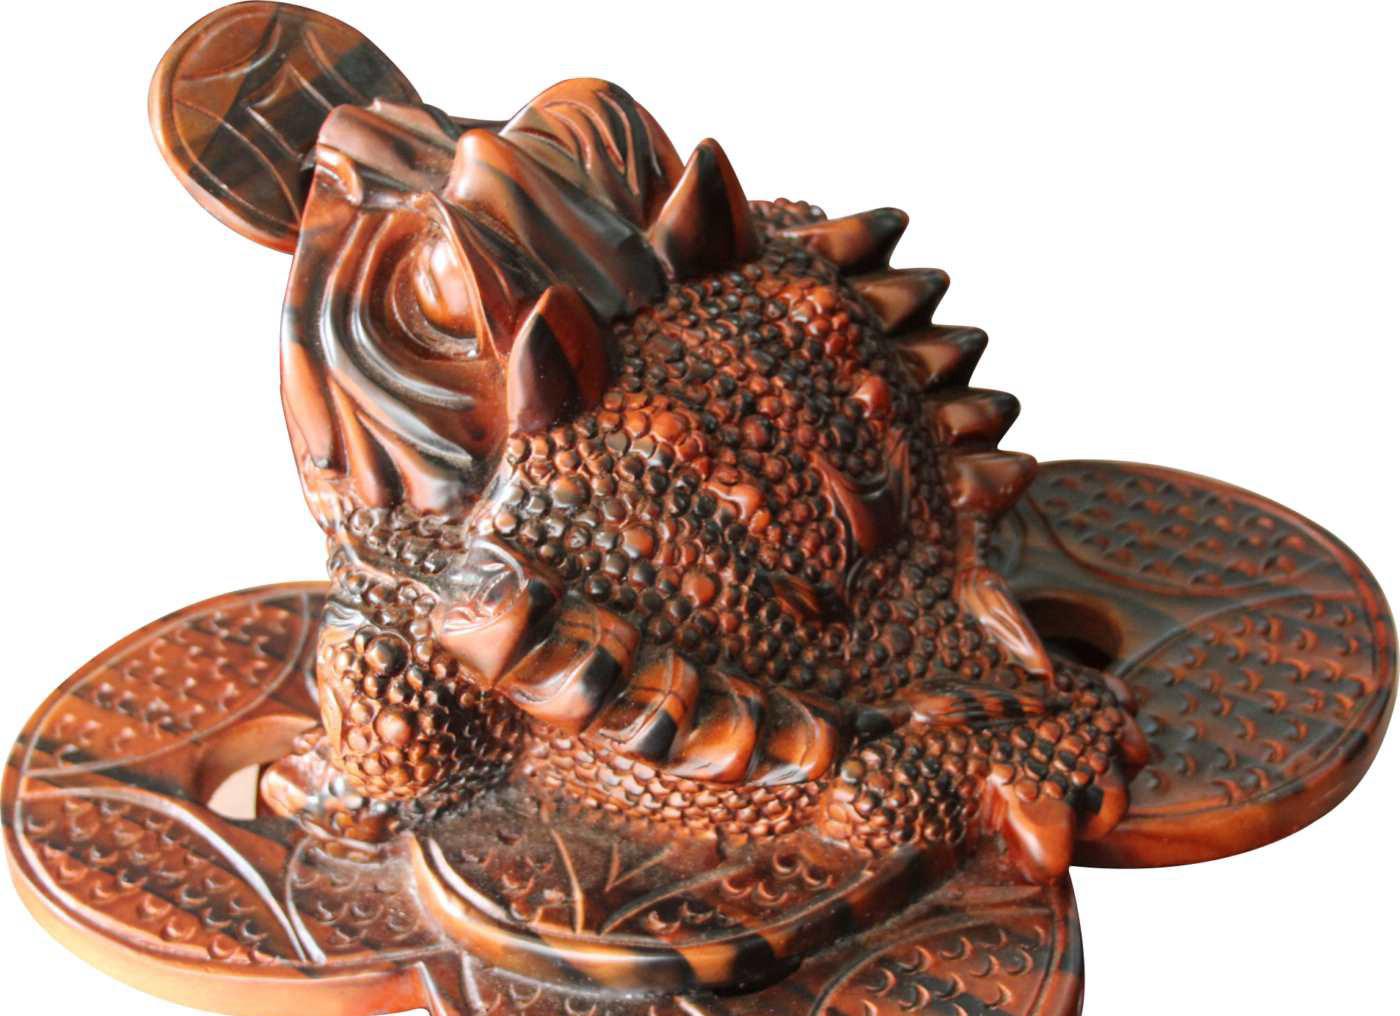 đồ phong thủy bằng gỗ